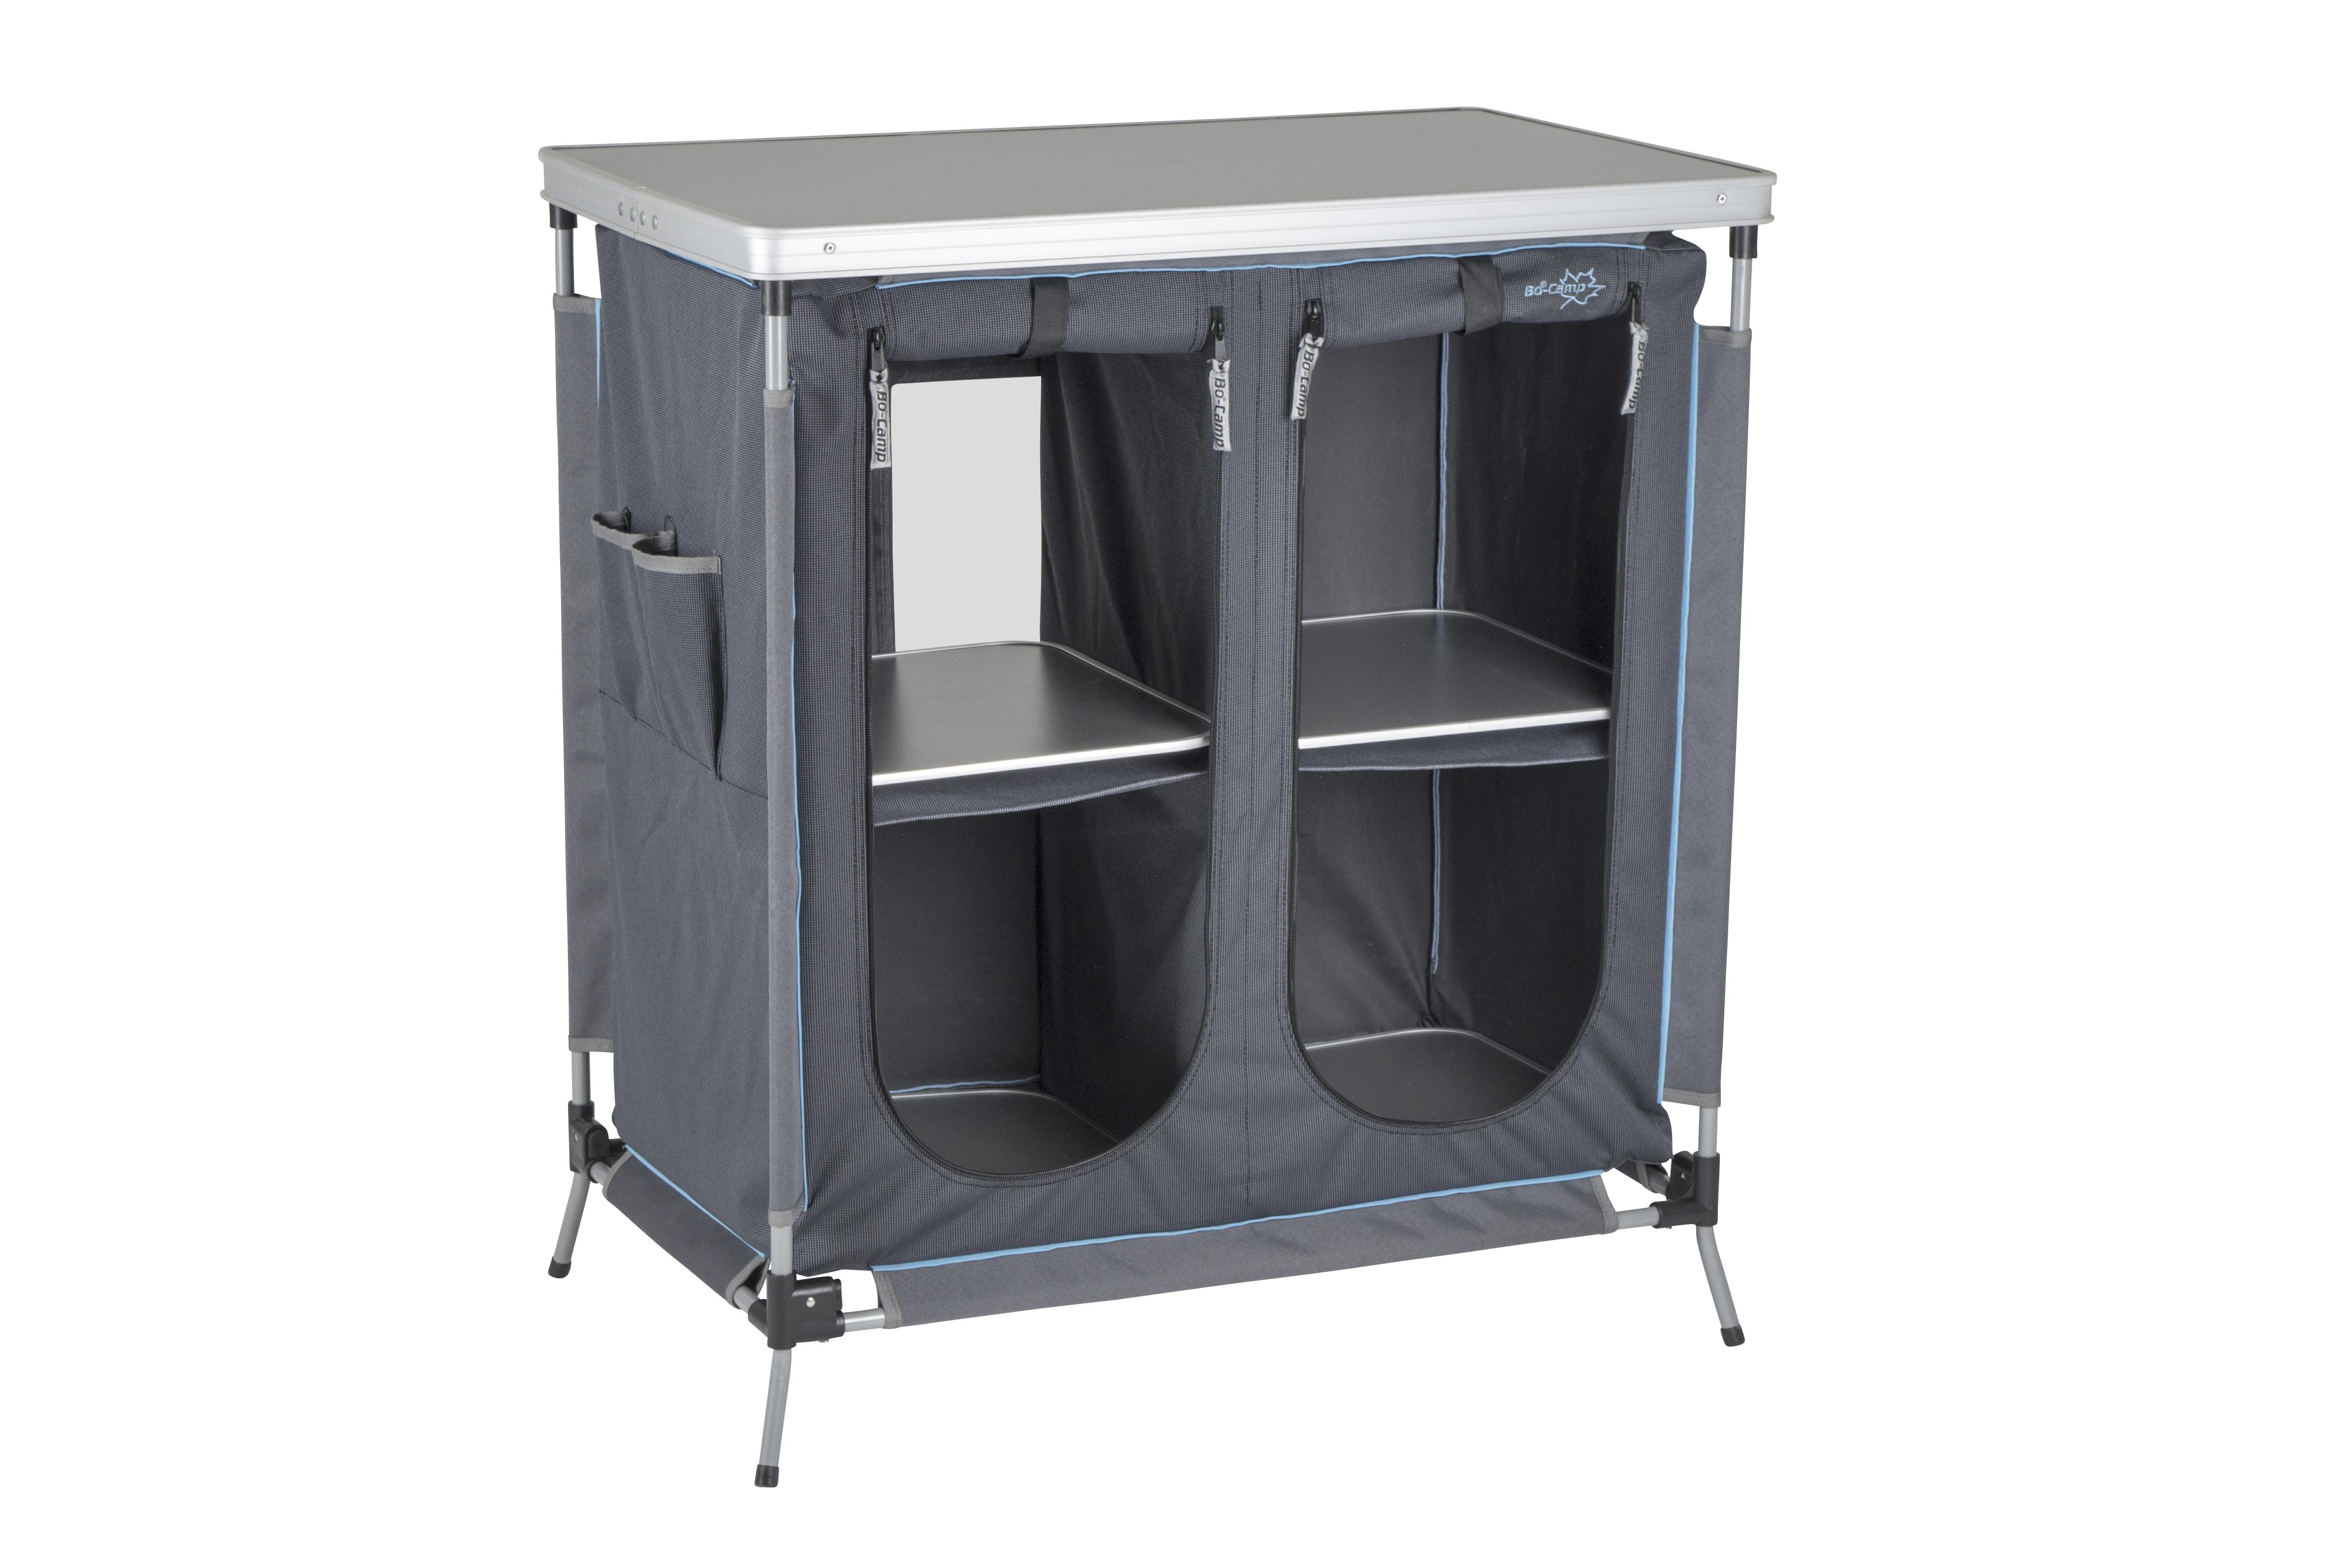 Fantastisch Camping Küchenschrank Galerie - Die besten ...